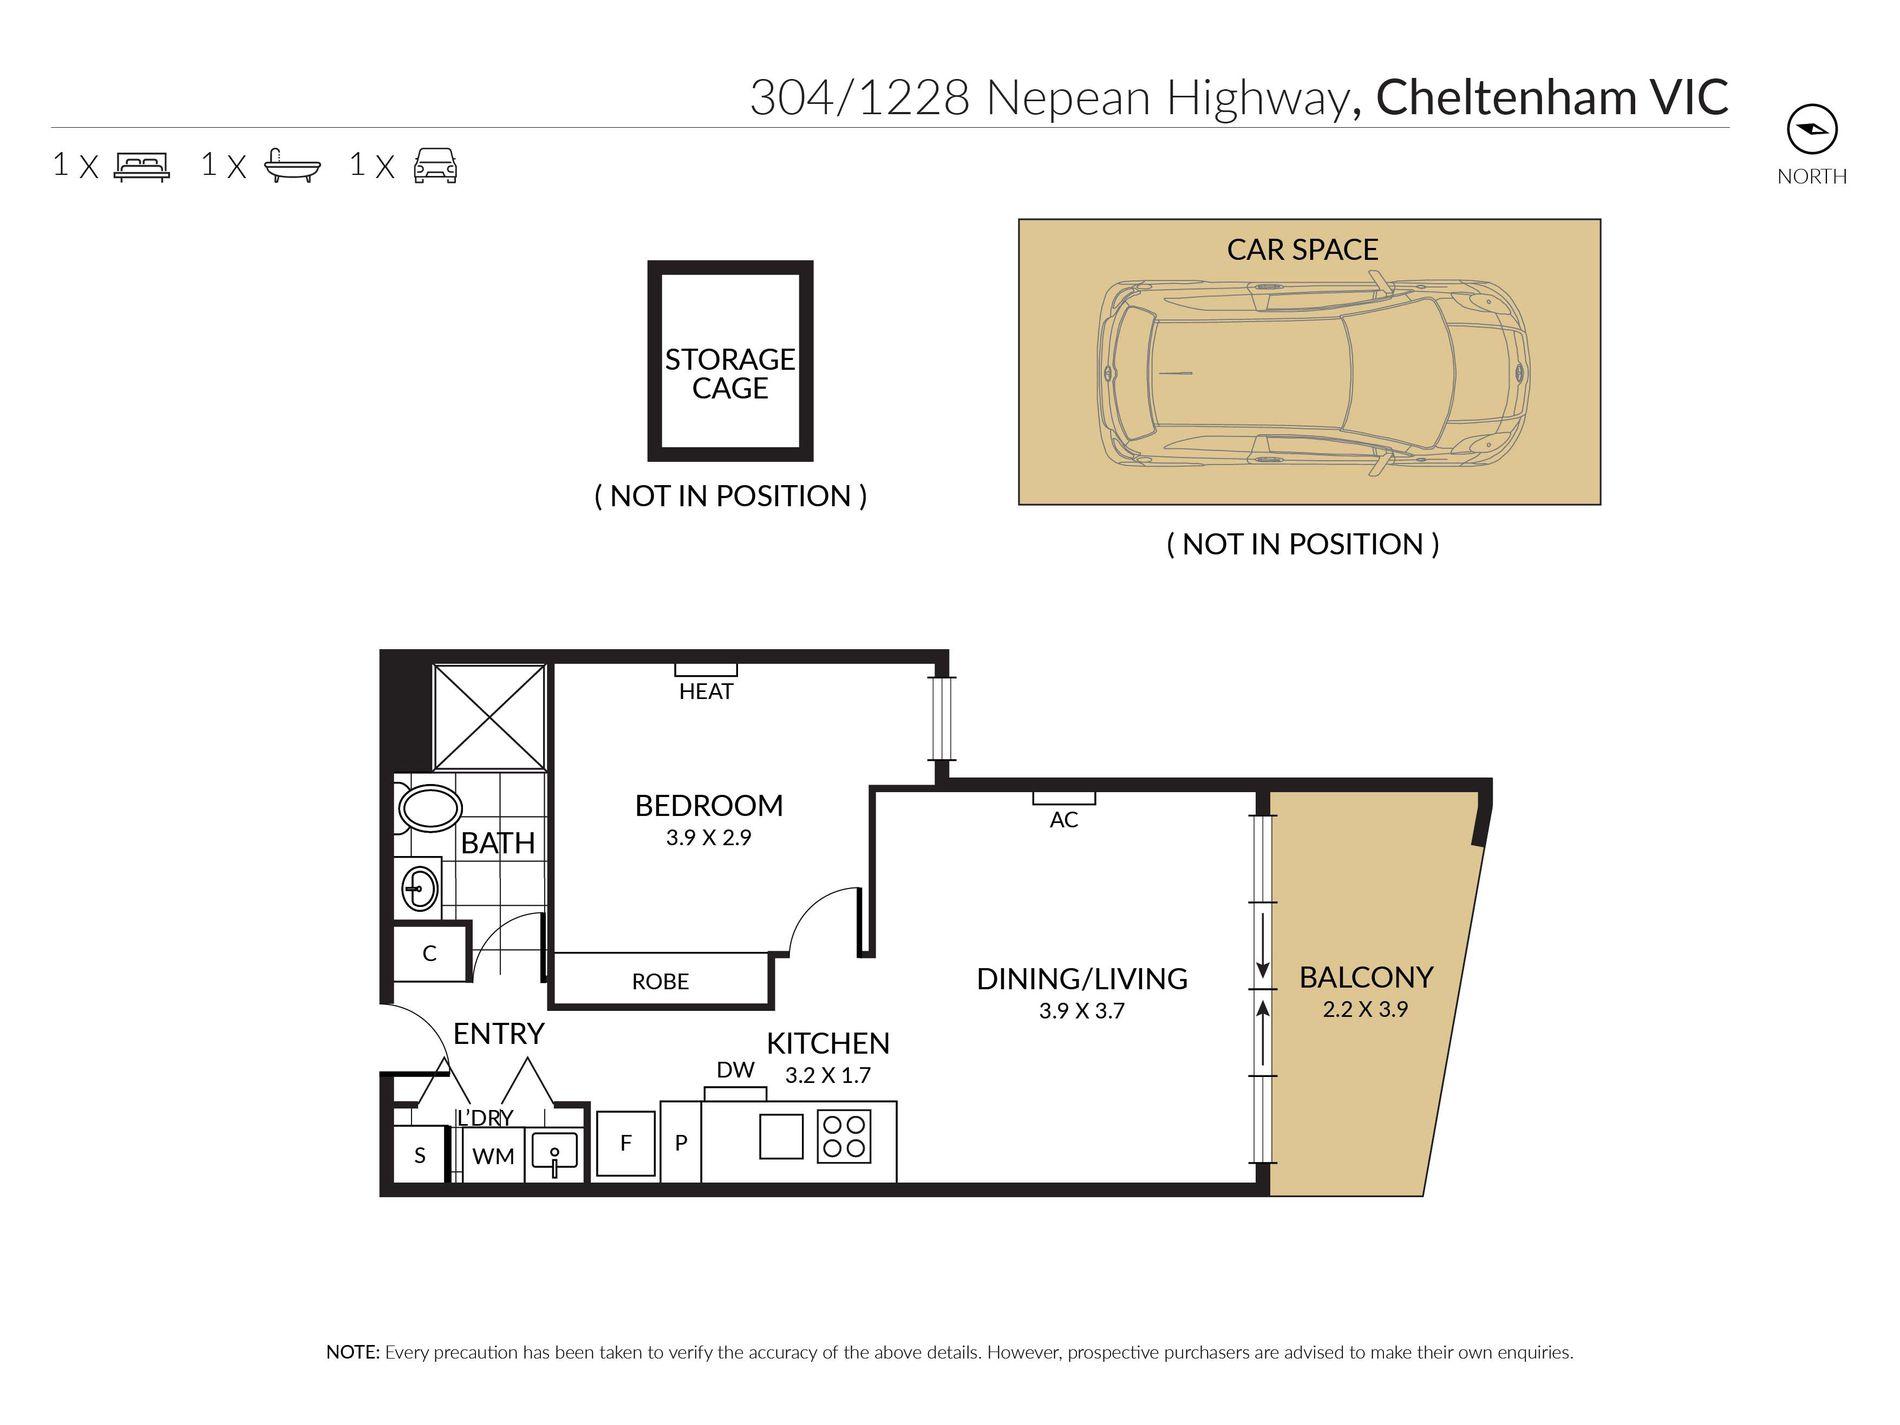 304 / 1228 Nepean Highway, Cheltenham